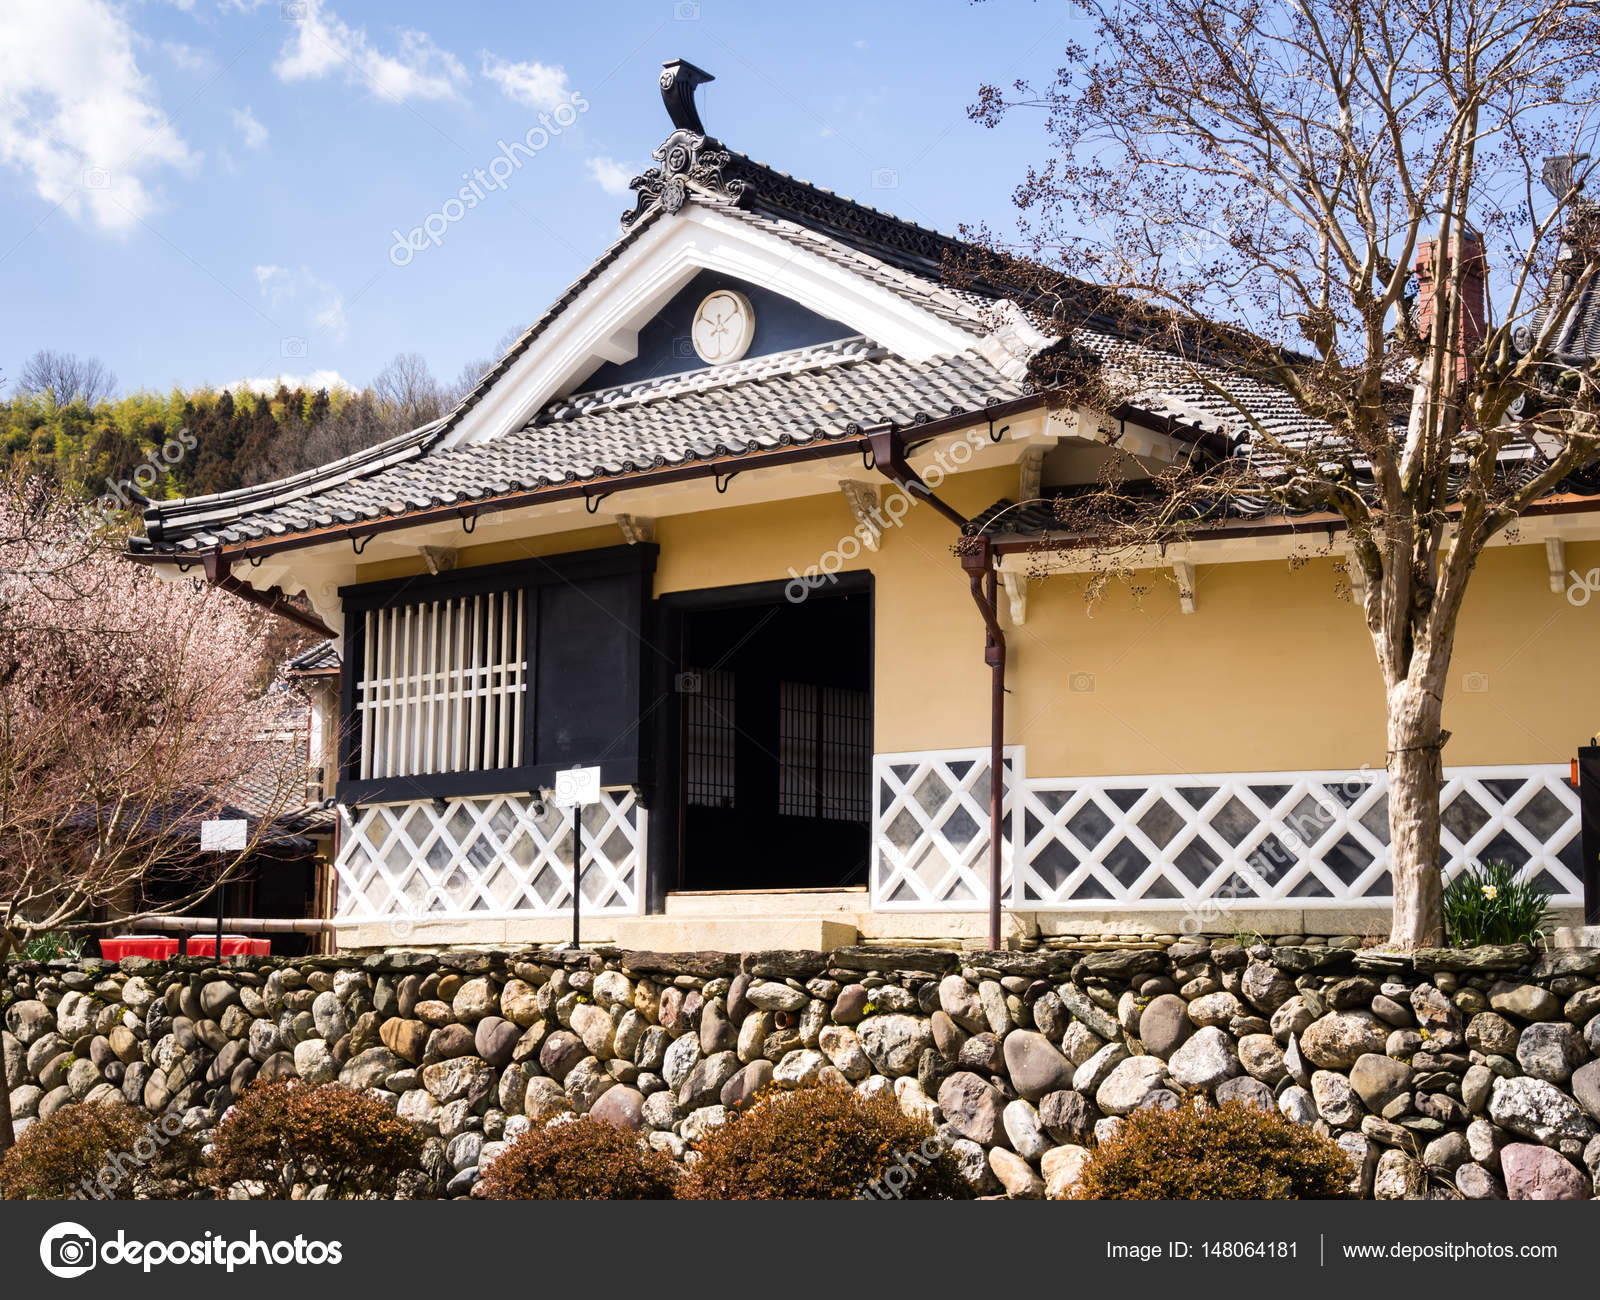 De vesterlandske som herhjemme og de traditionelle japanske med hul i jorden.